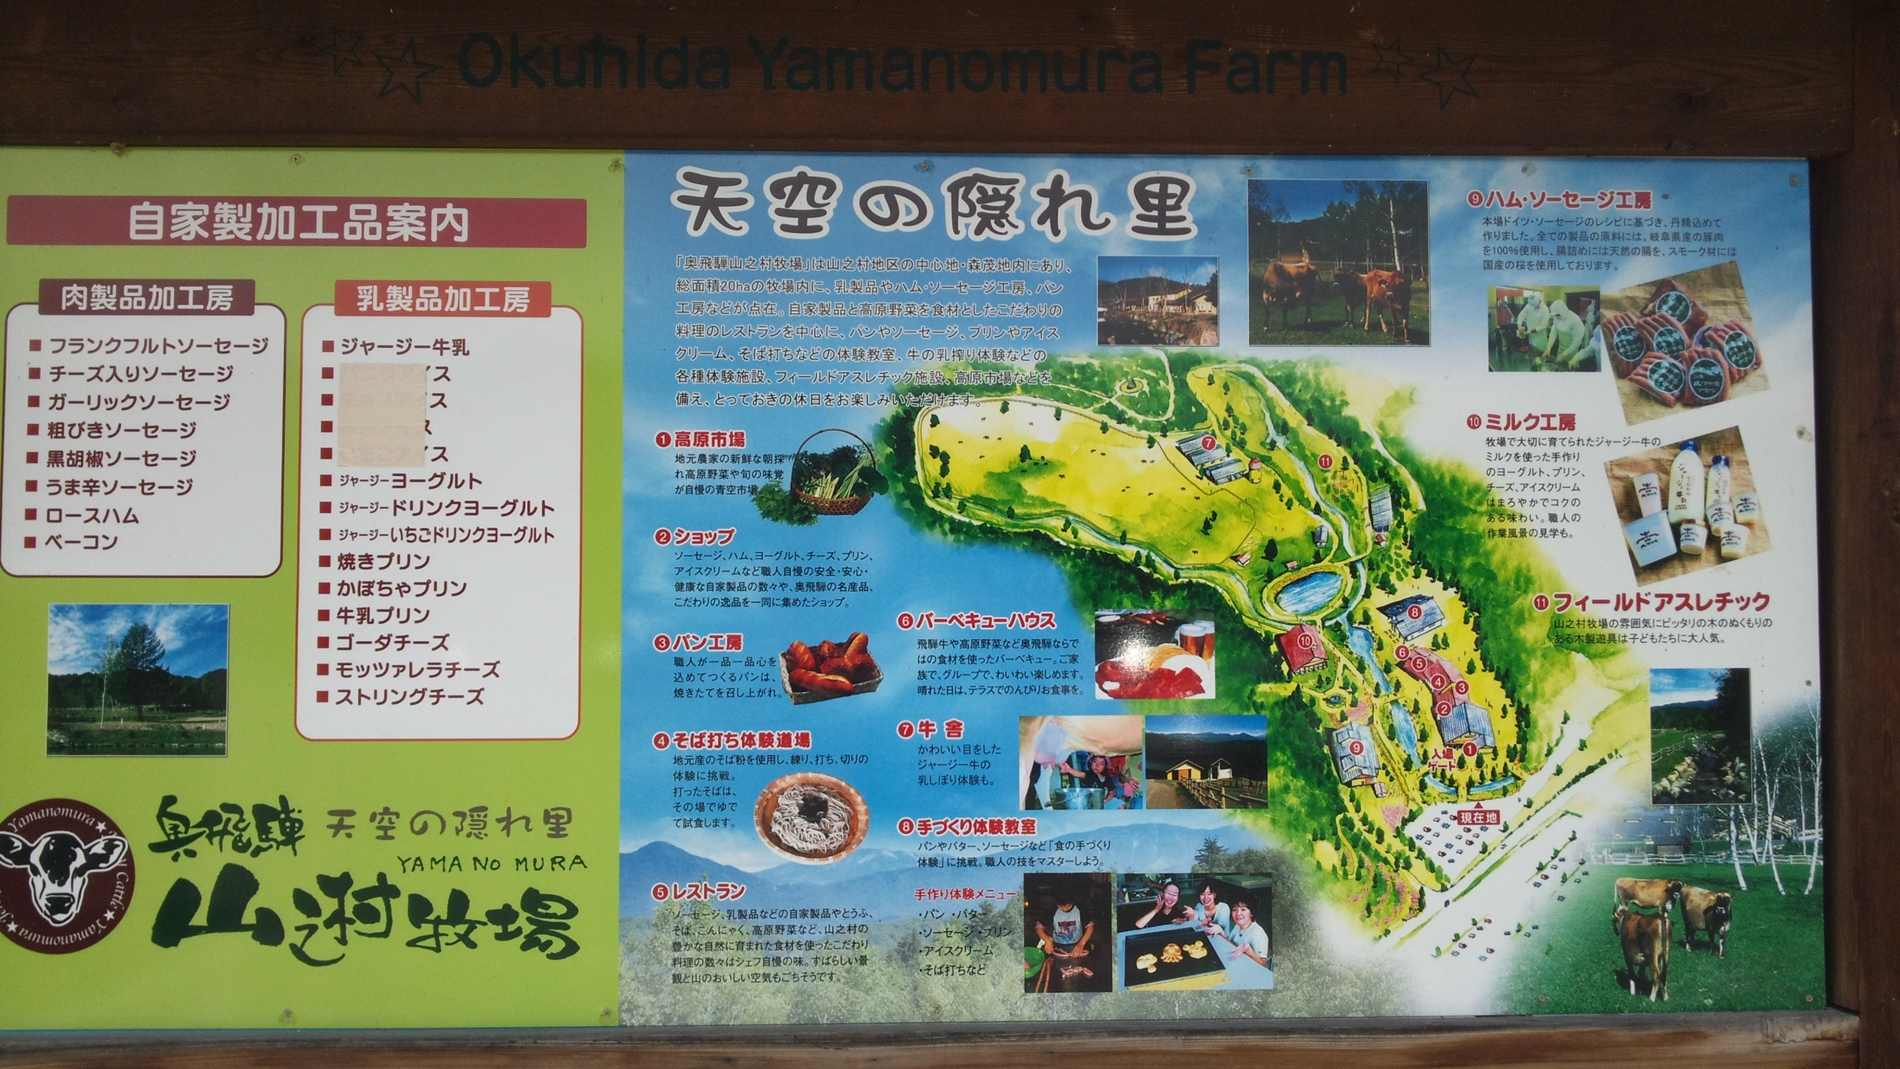 yamanomura19.jpg